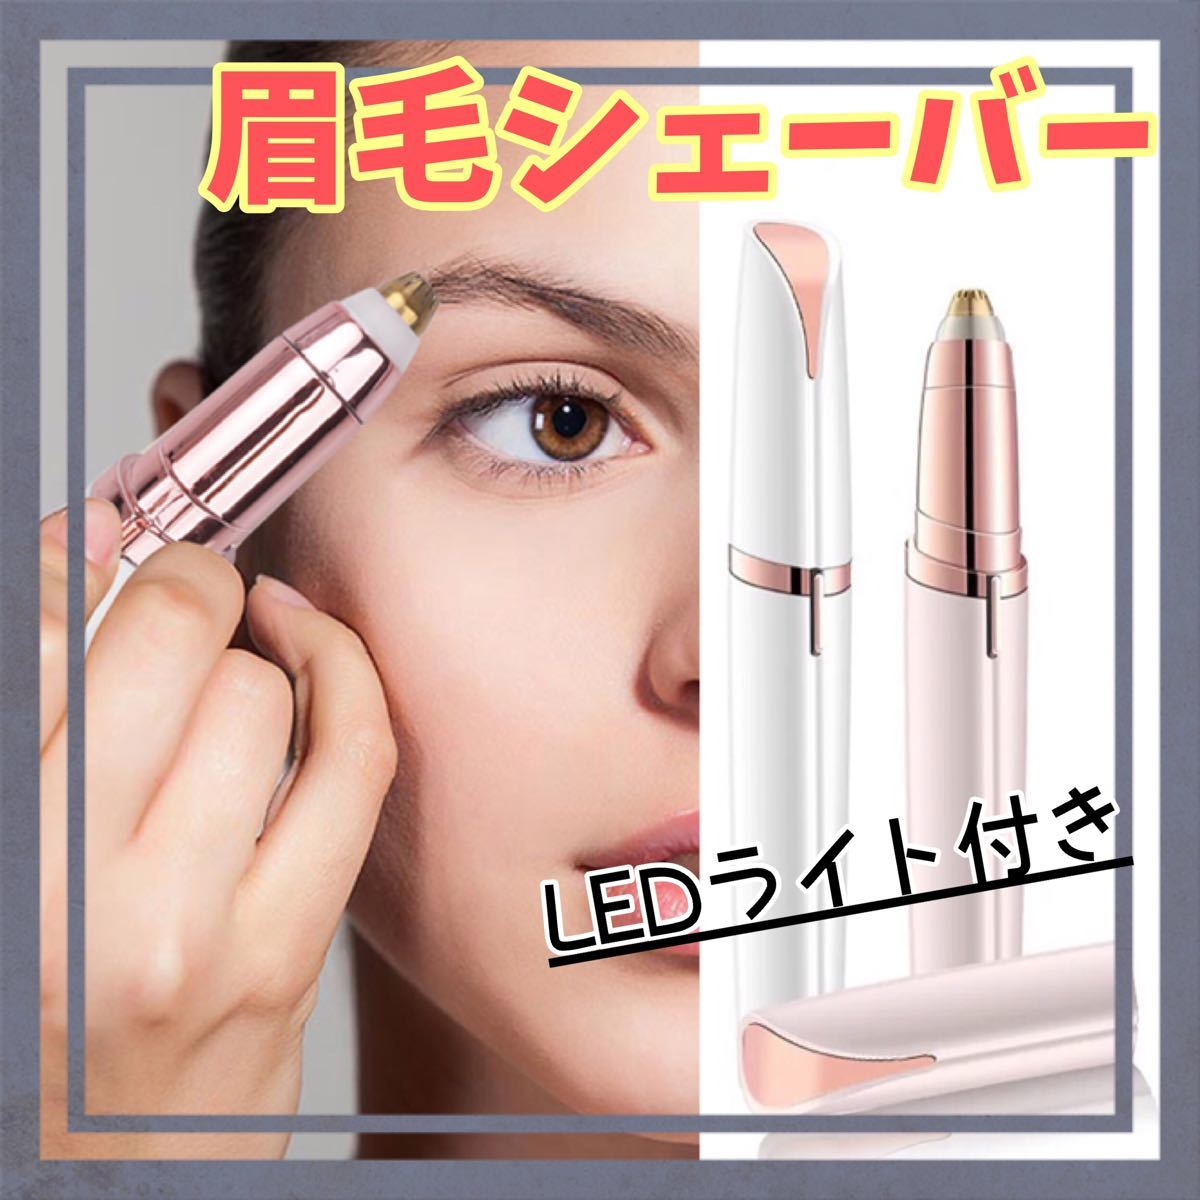 コンパクトサイズ☆眉毛シェーバー 乾電池式 ホワイト 顔剃り LEDライト シェイビング 顔そり レディース 電動 新品 未使用